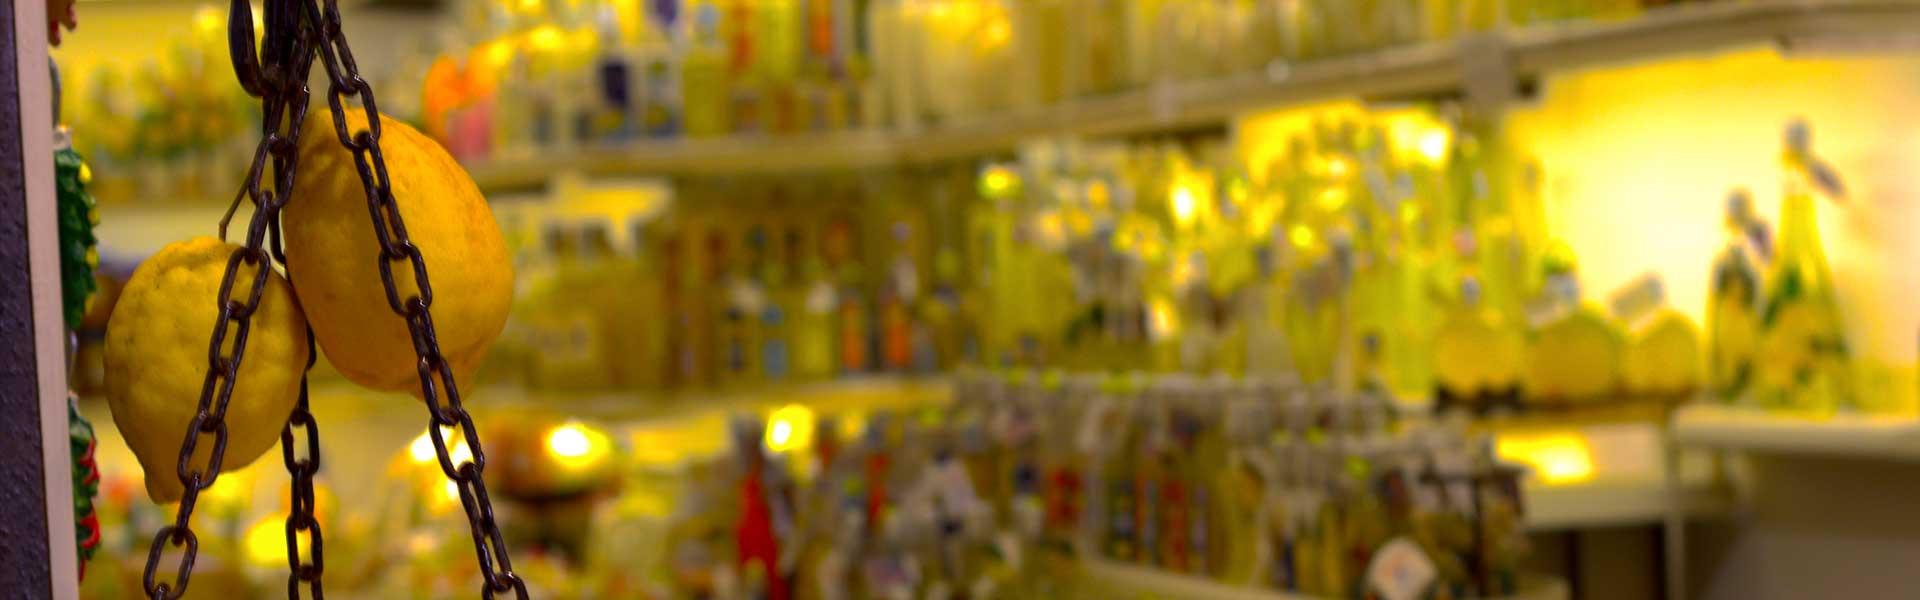 Il limoncello è un liquore dolce e digestivo apprezzato in tutto il mondo.